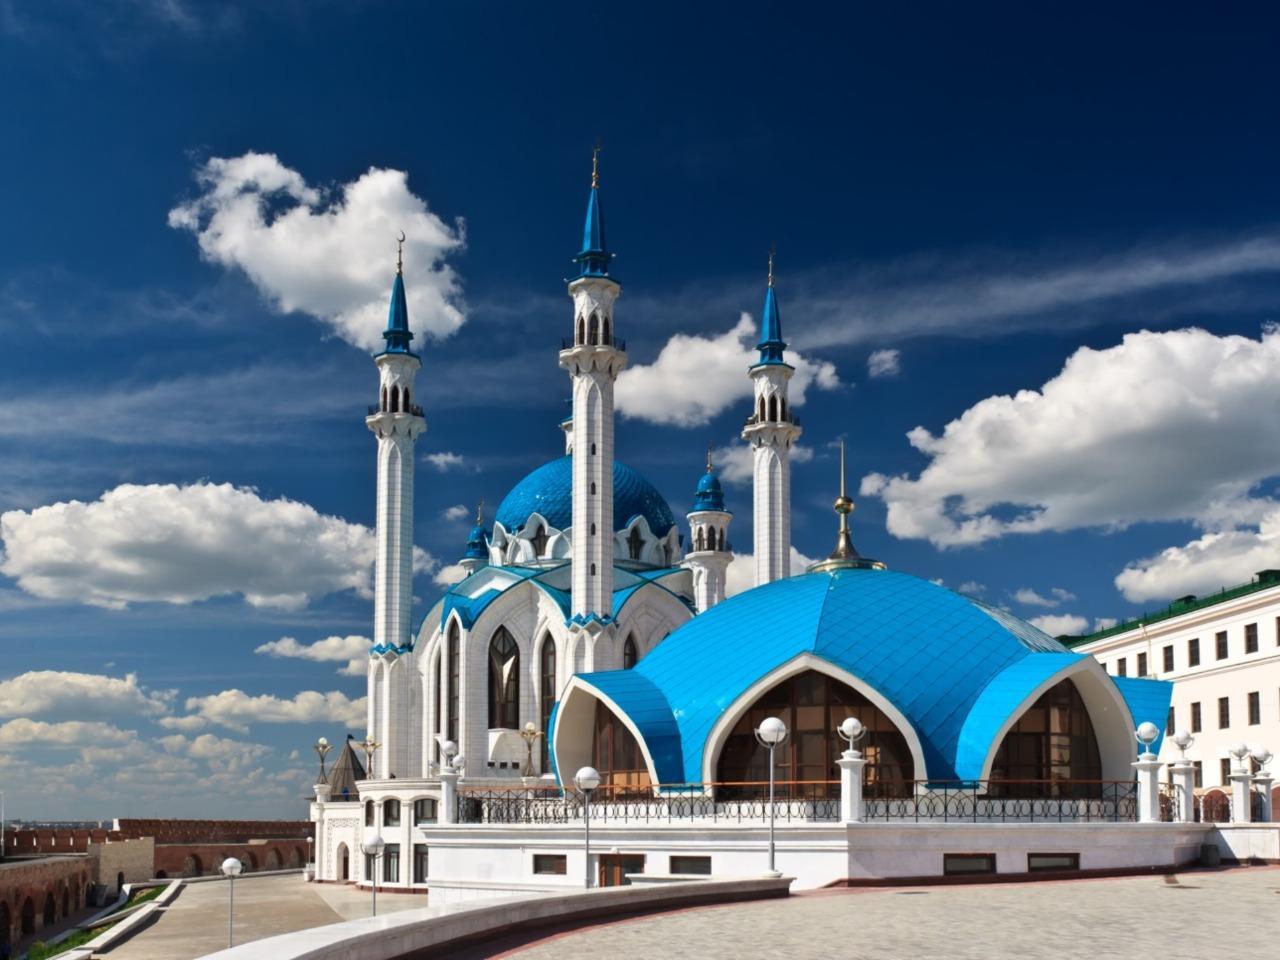 Обзорная с Кремлем - индивидуальная экскурсия в Казани от опытного гида